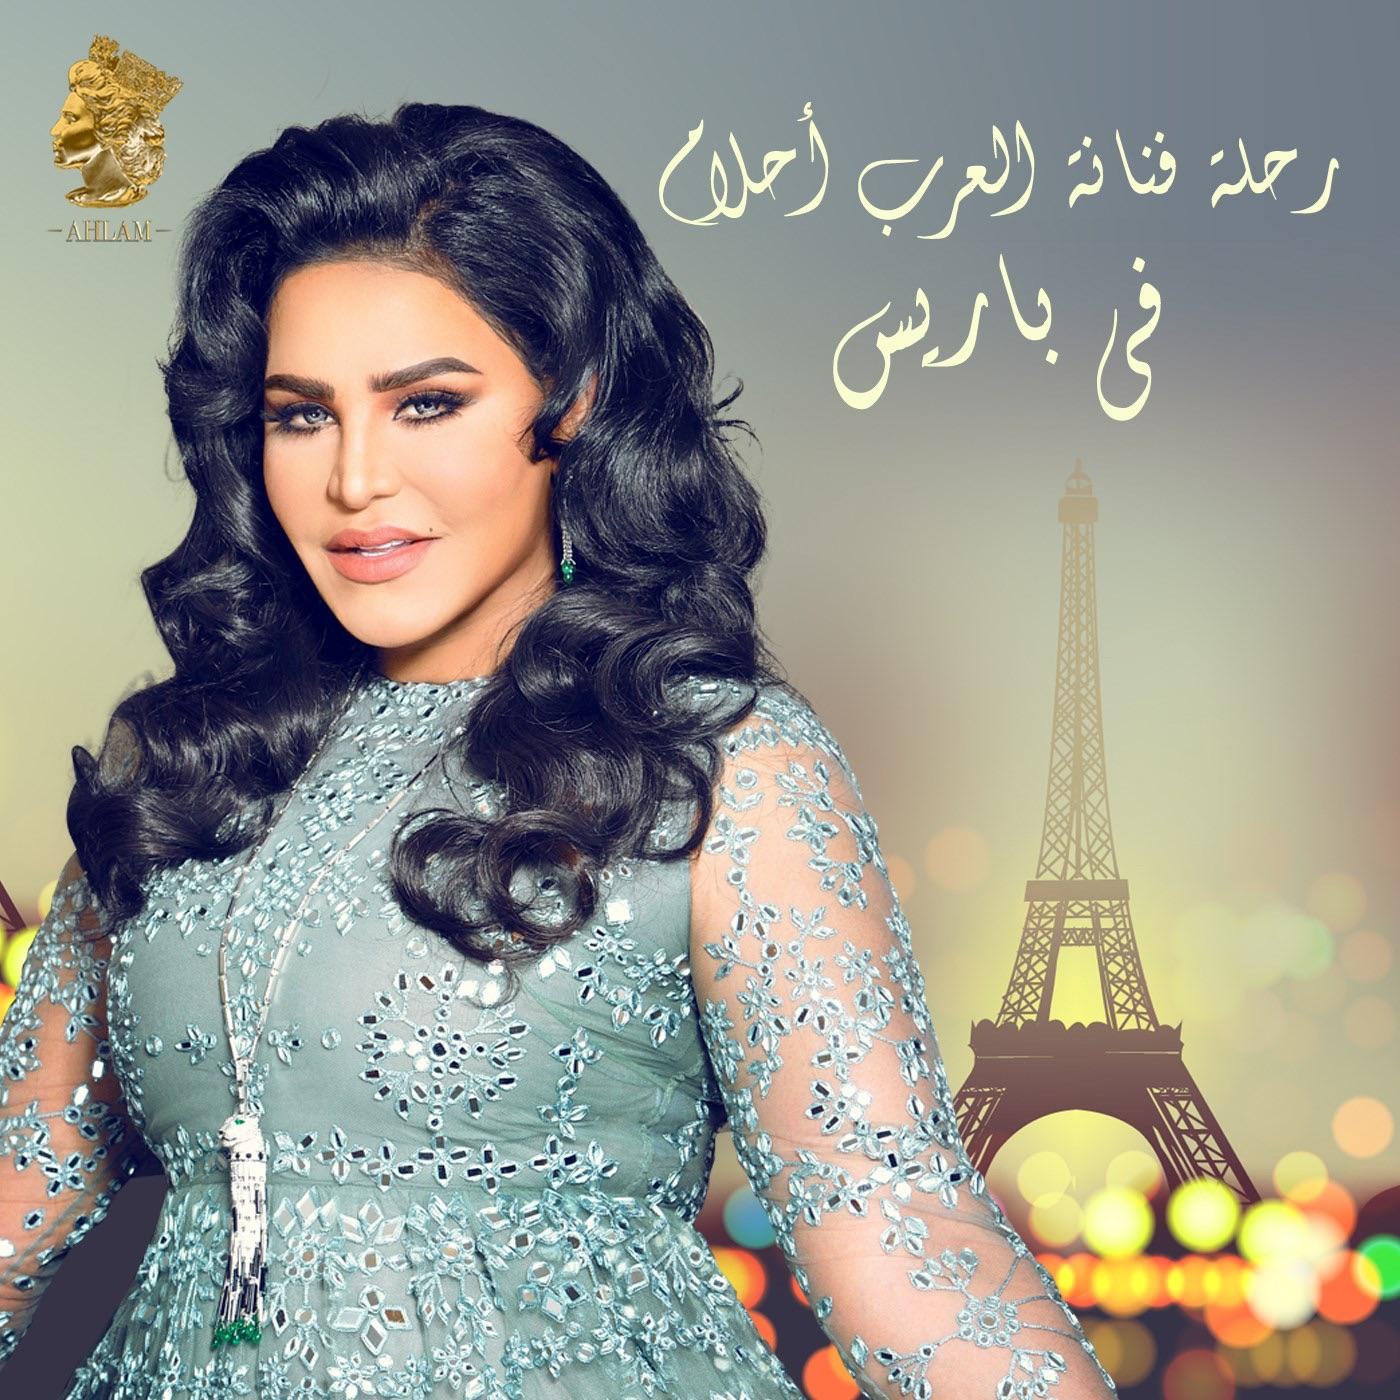 Rehlat Fananat Al Arab Ahlam Fi Paris